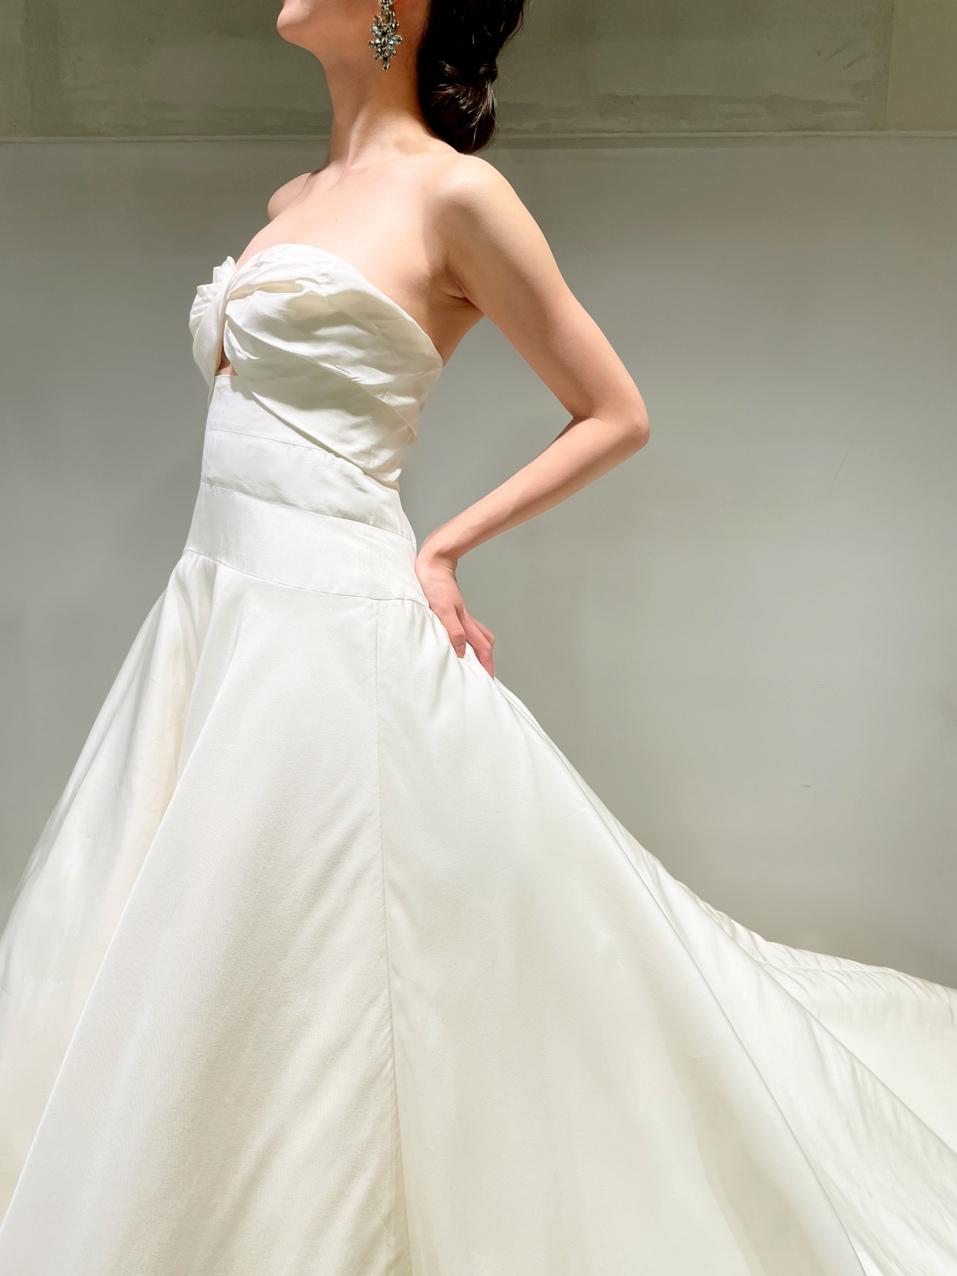 ウエストラインのシルエットが美しいウェディングドレスの取り扱いがある、大阪の結婚式会場で人気のインポートドレスショップのザ・トリートドレッシング